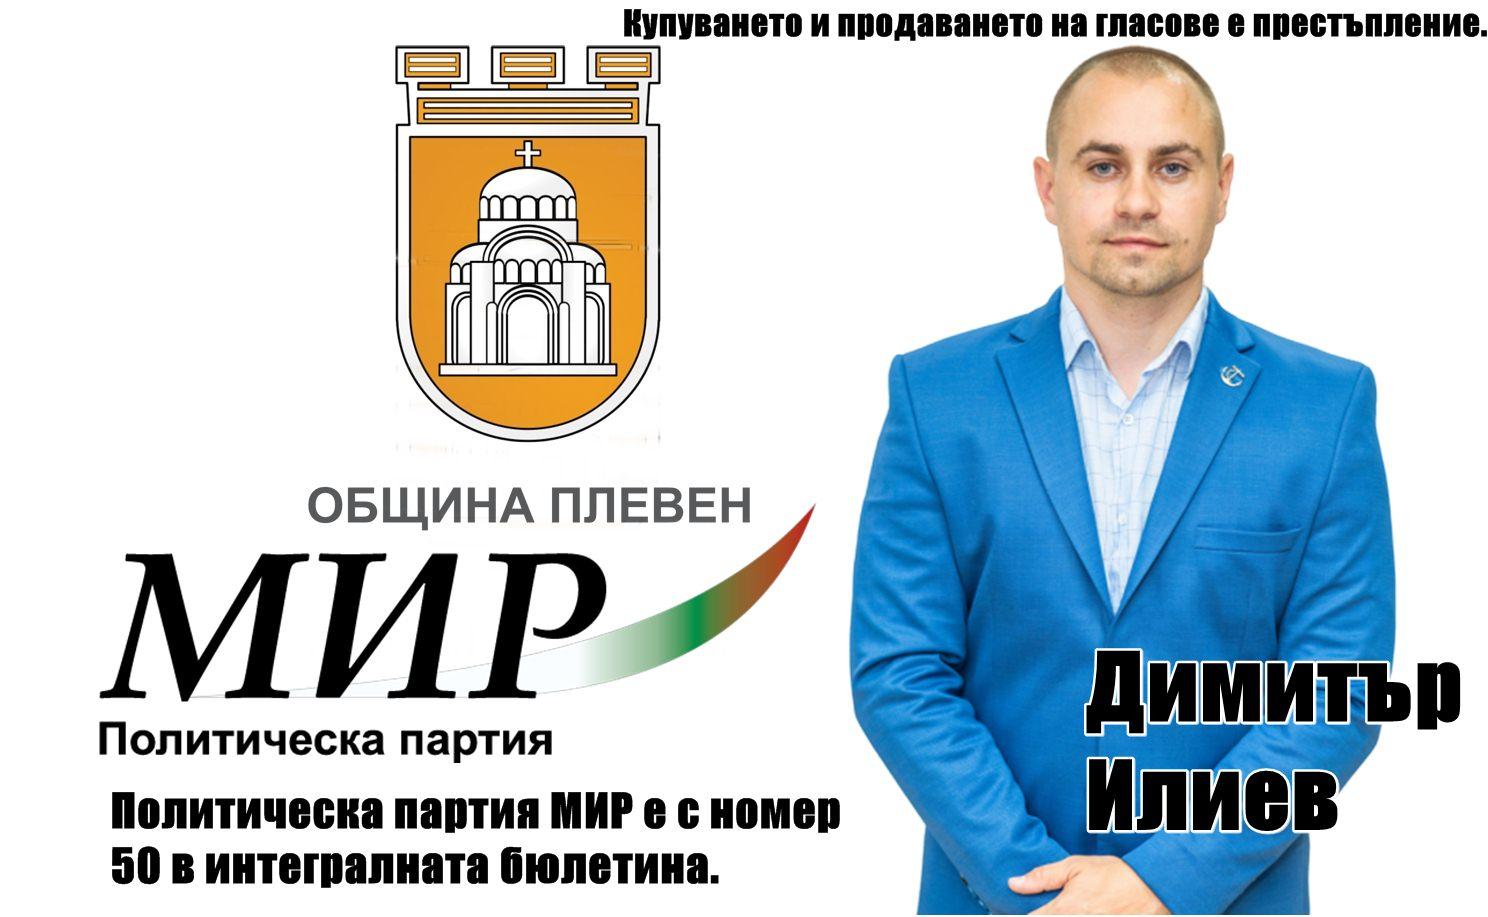 Димитър Илиев: Искаме общината в Плевен да е отговорна и прозрачна